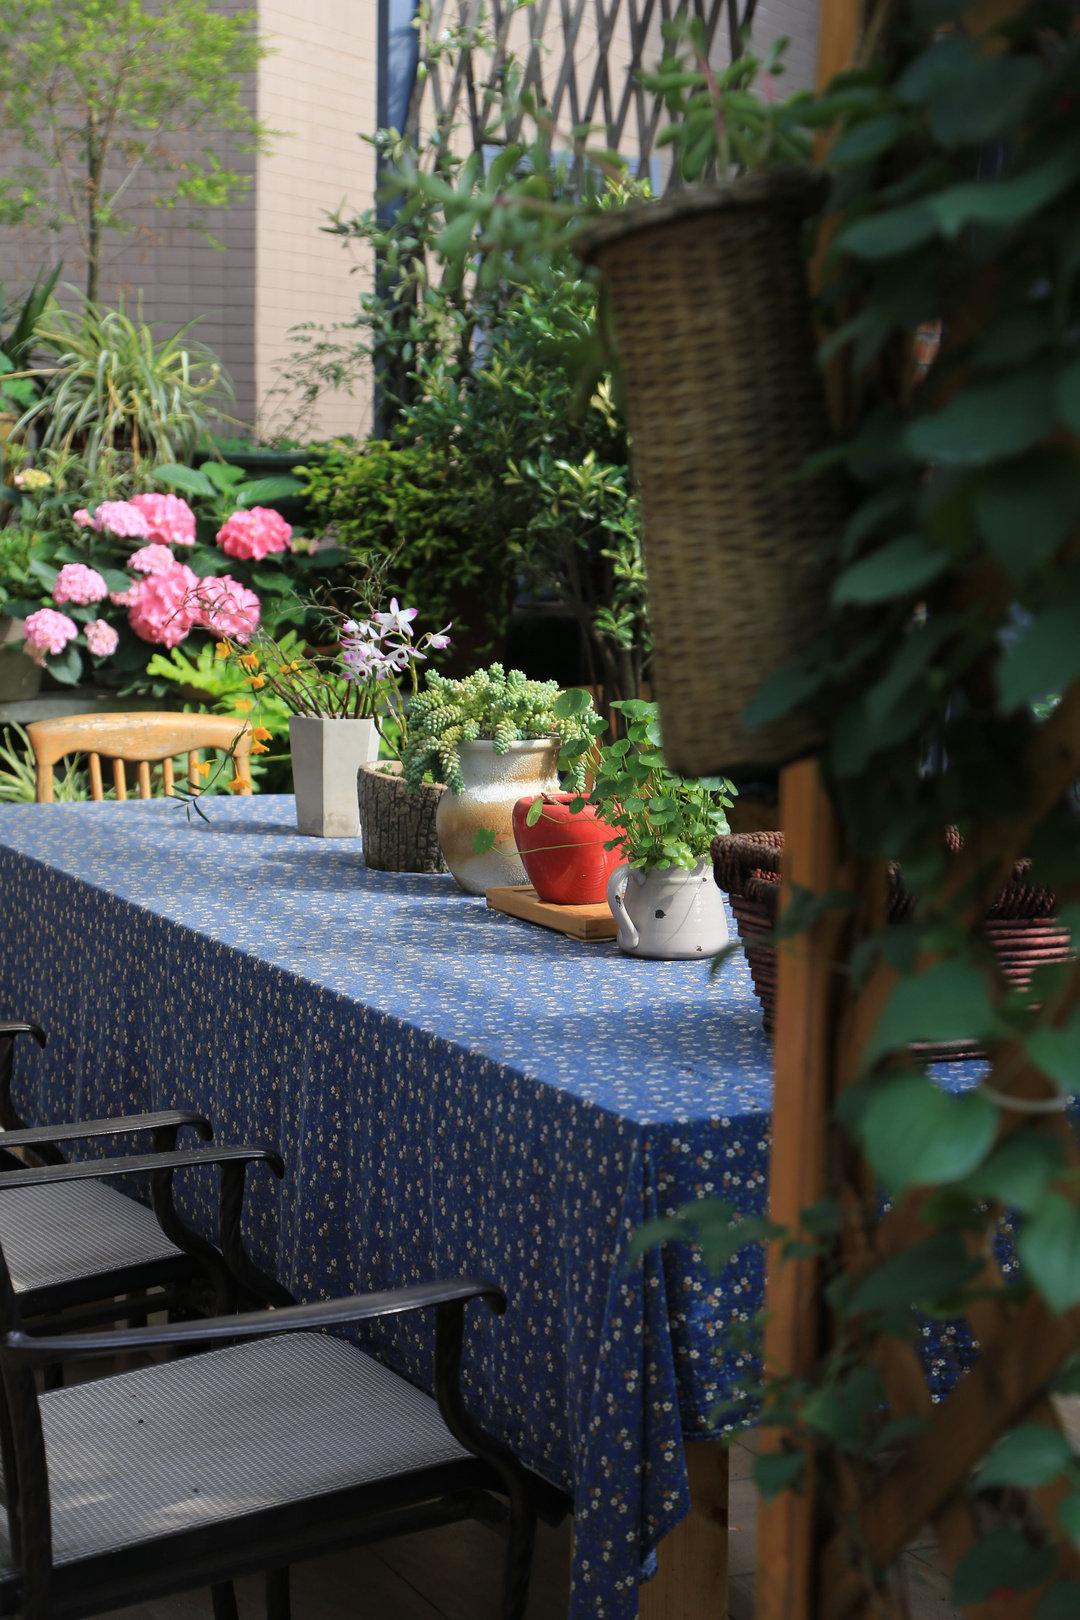 Khu vườn quanh năm chỉ có mùa xuân với hoa nở tưng bừng của cô giáo dạy Toán-17